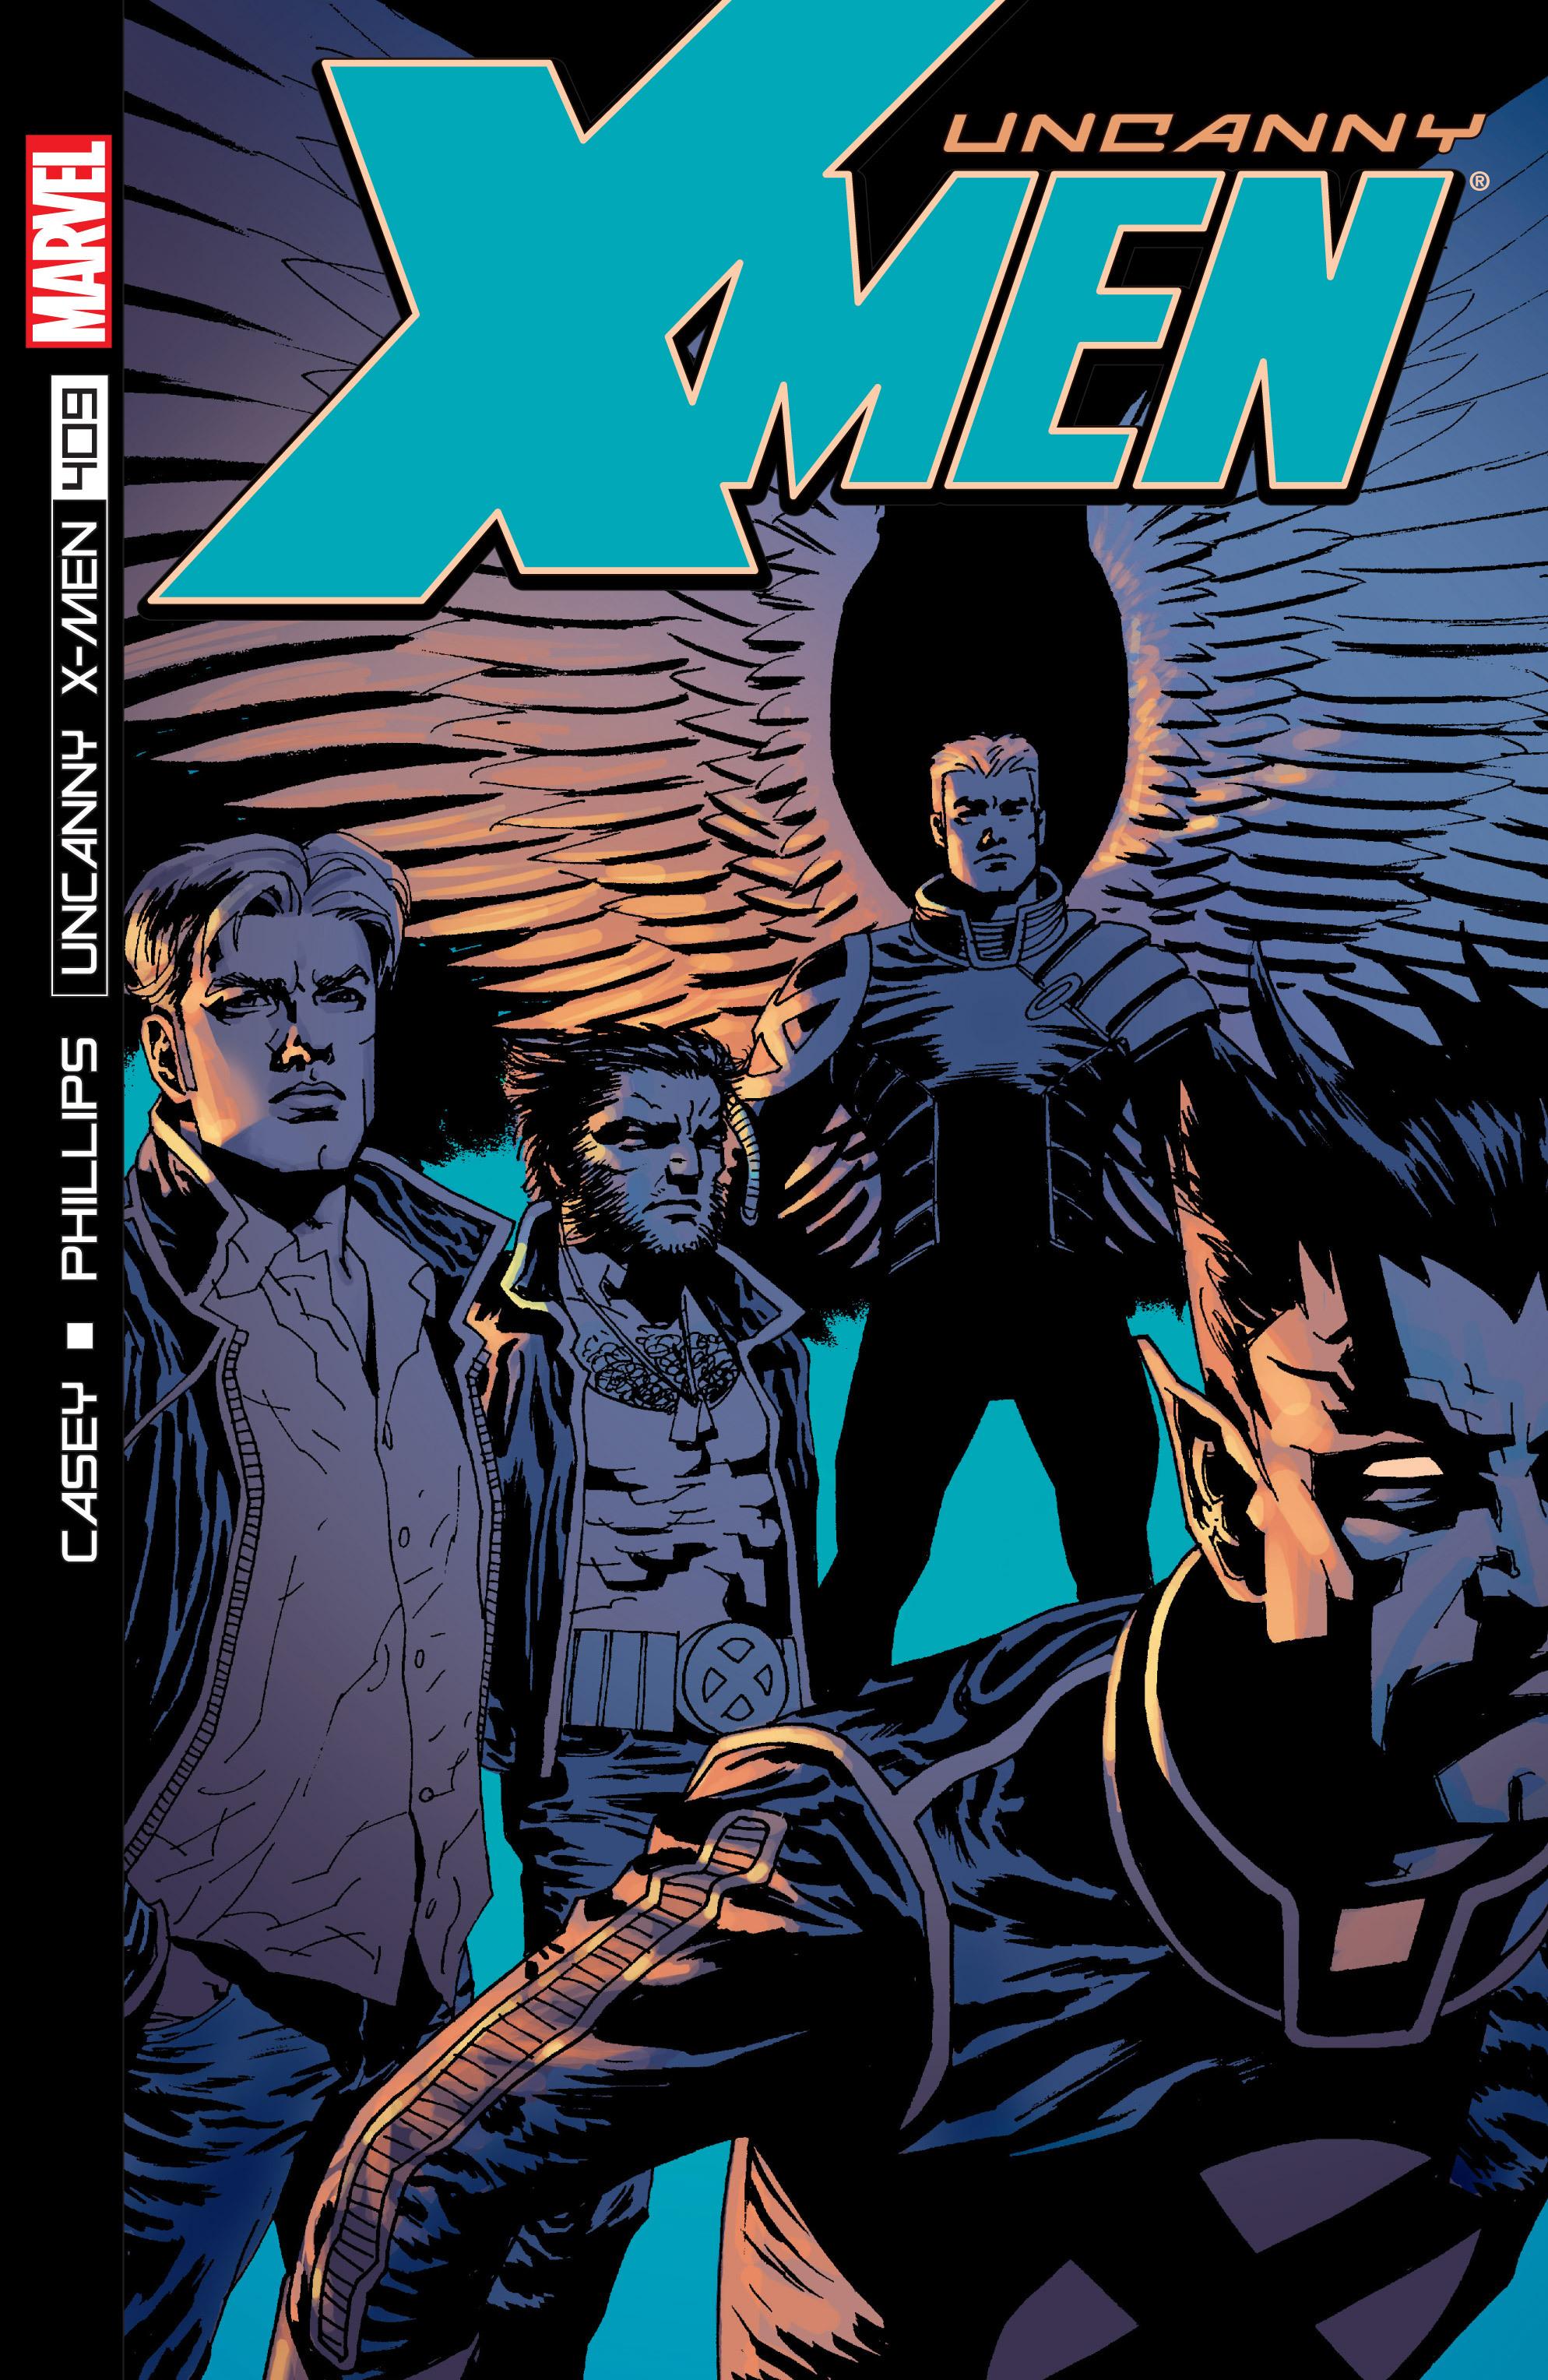 Read online Uncanny X-Men (1963) comic -  Issue #409 - 1